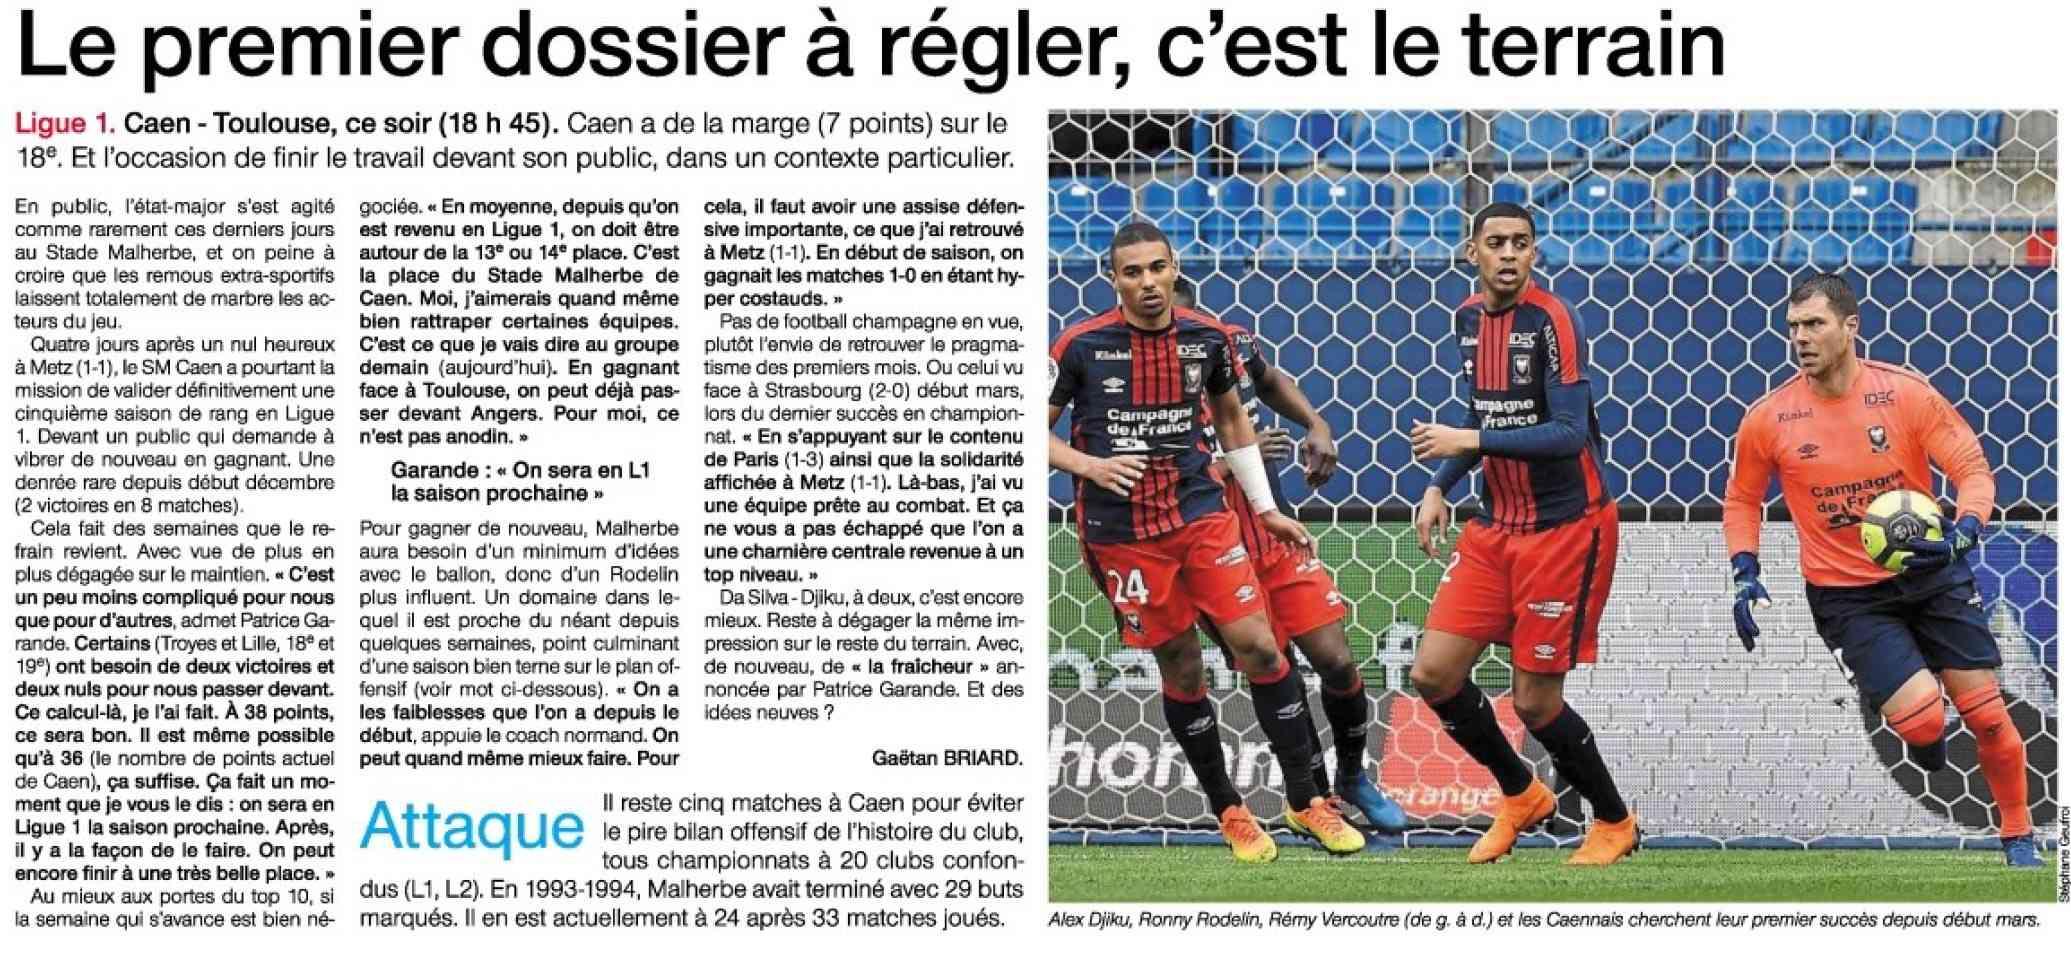 [33e journée de L1] SM Caen 0-0 Toulouse FC - Page 2 Eqp10